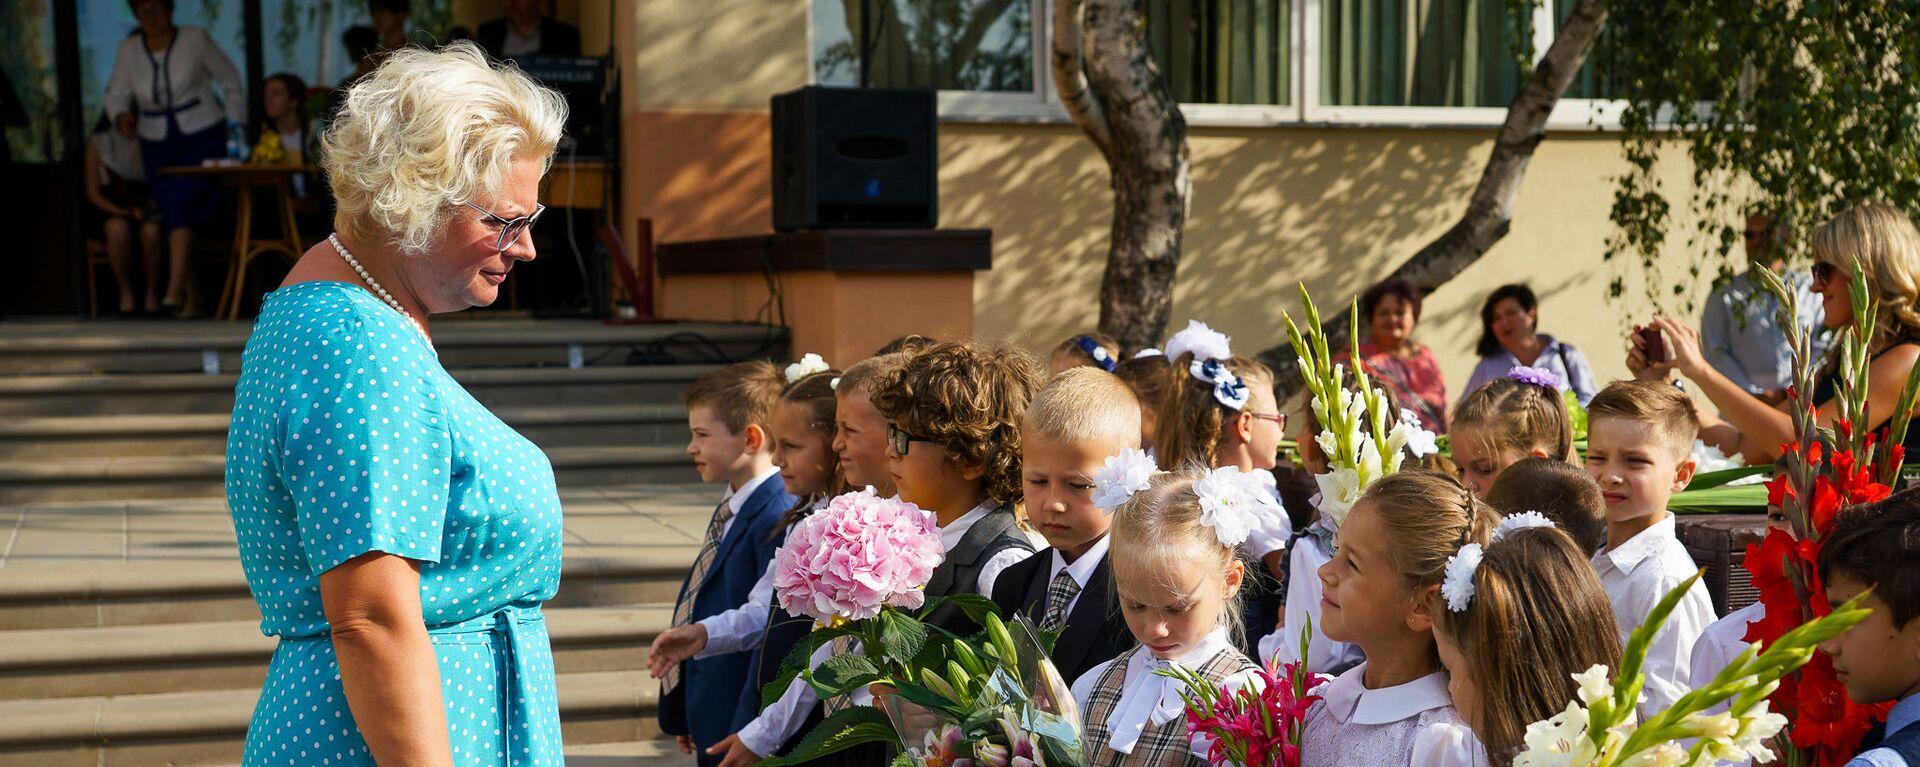 Zinību diena Rīgas vidusskolā №88 - Sputnik Latvija, 1920, 22.07.2021